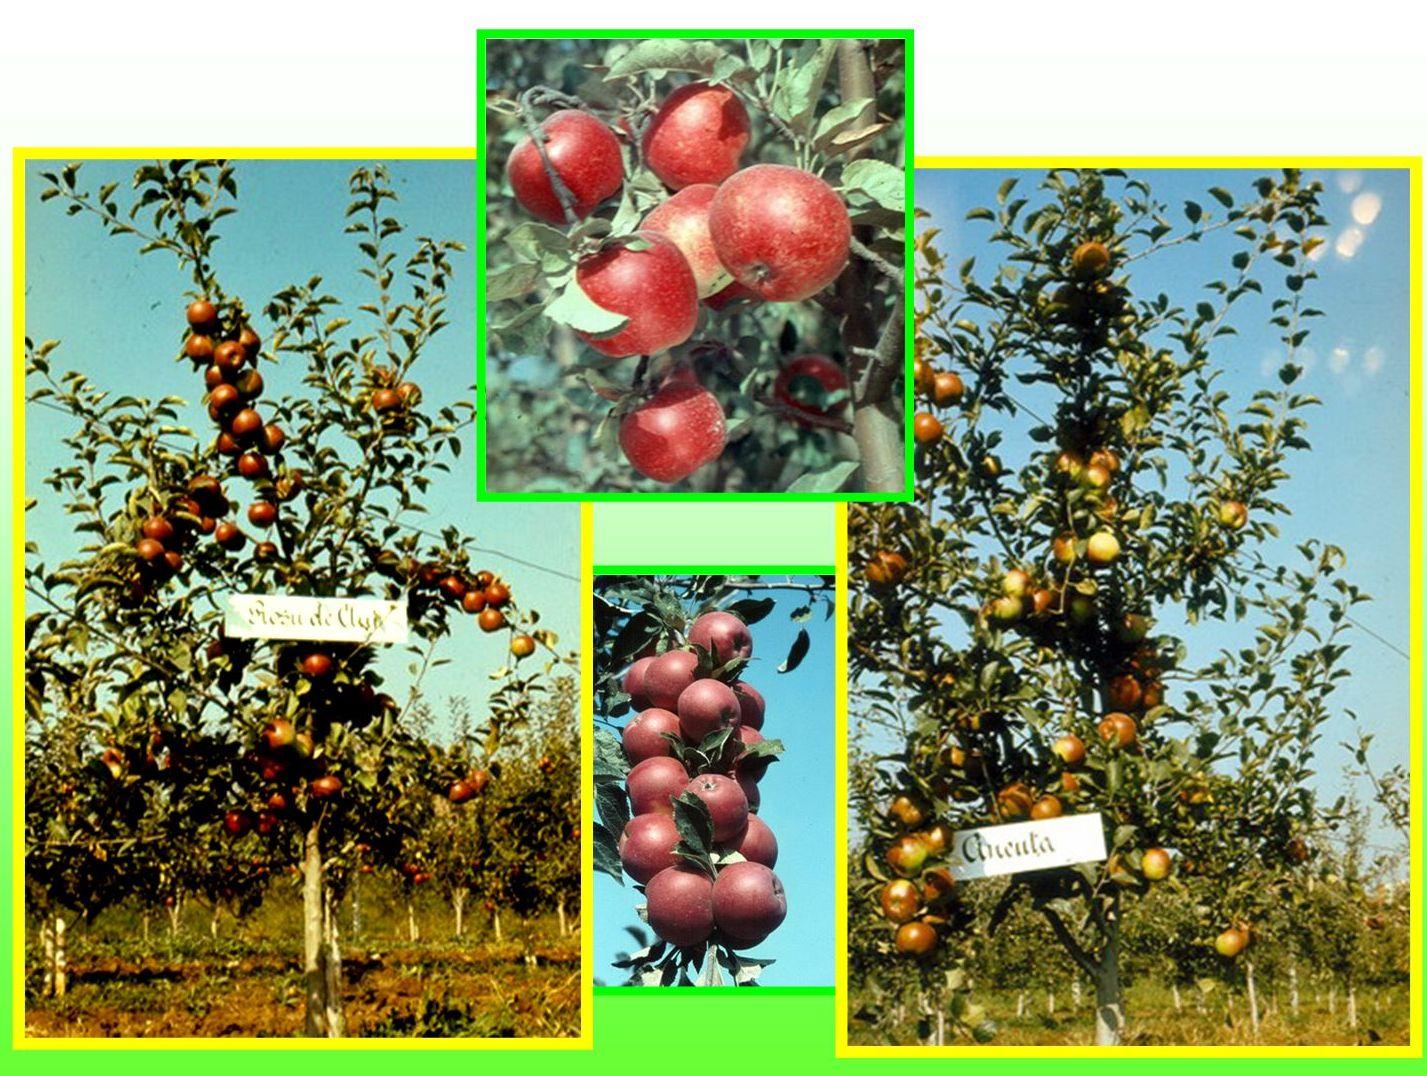 Apple cultivars created by Prof. Stefan Oprea